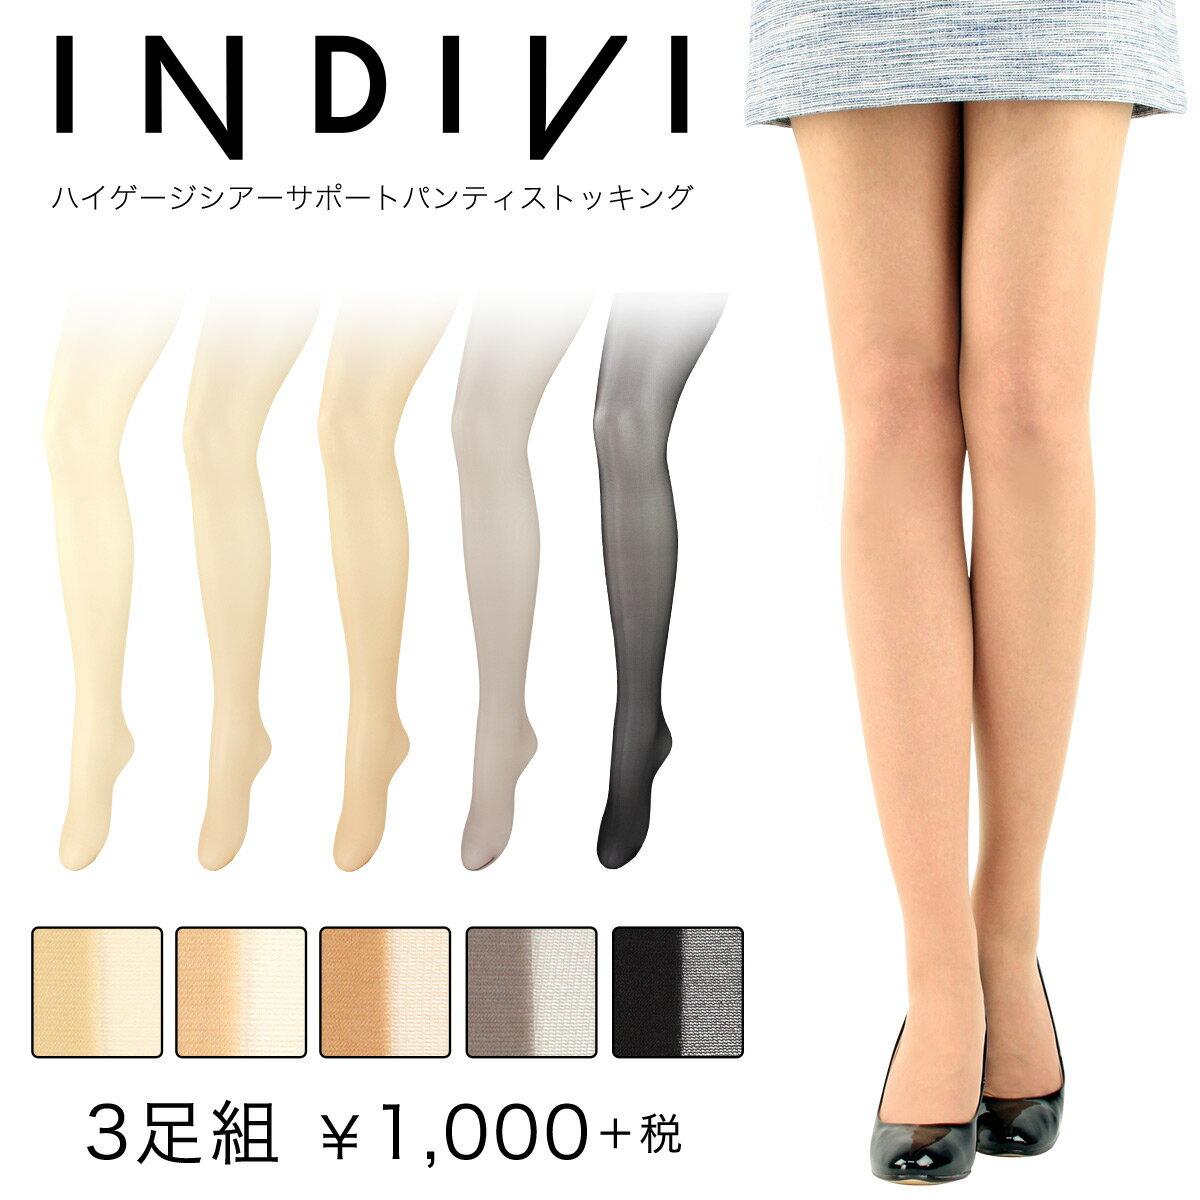 INDIVI(インディヴィ)3足組ストッキング ナイガイ製・ハイゲージシアーサポート パンティストッキング 142-1303